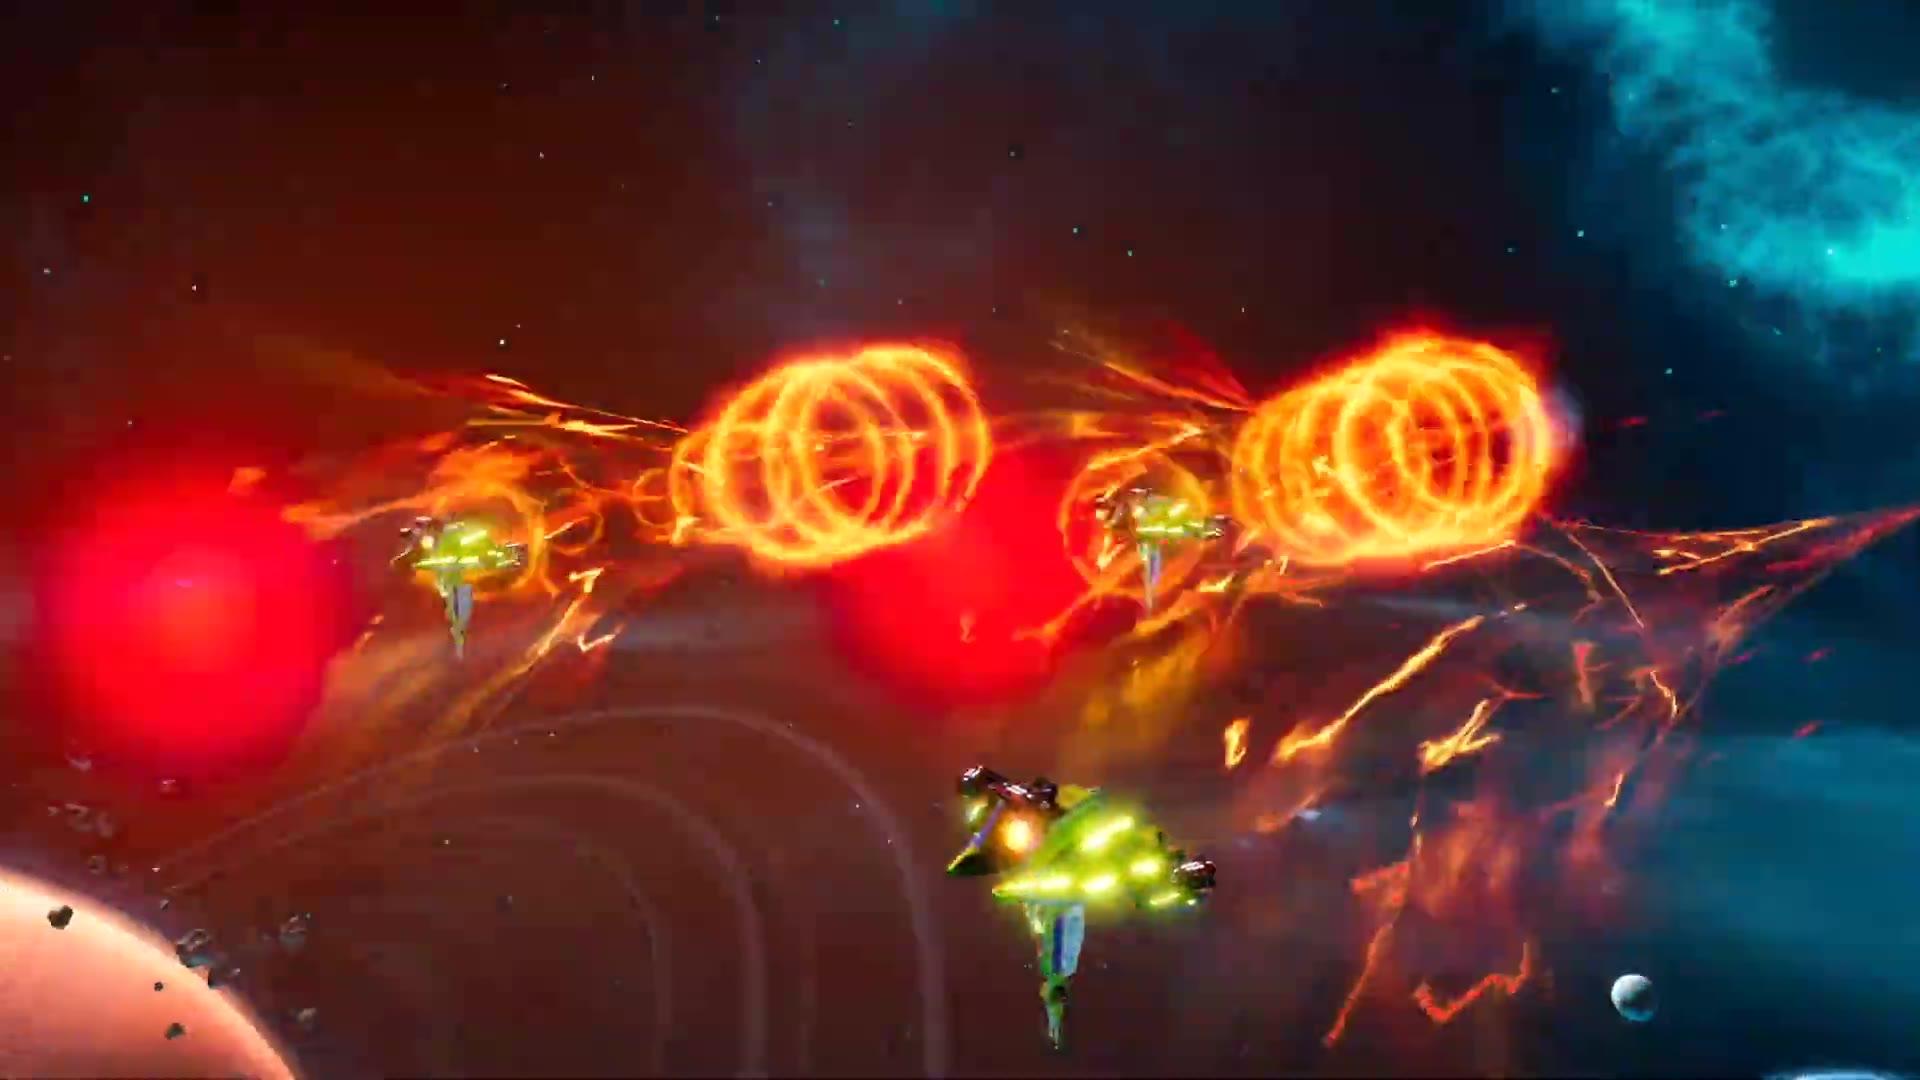 太空策略游戏《雄蜂战机》预告